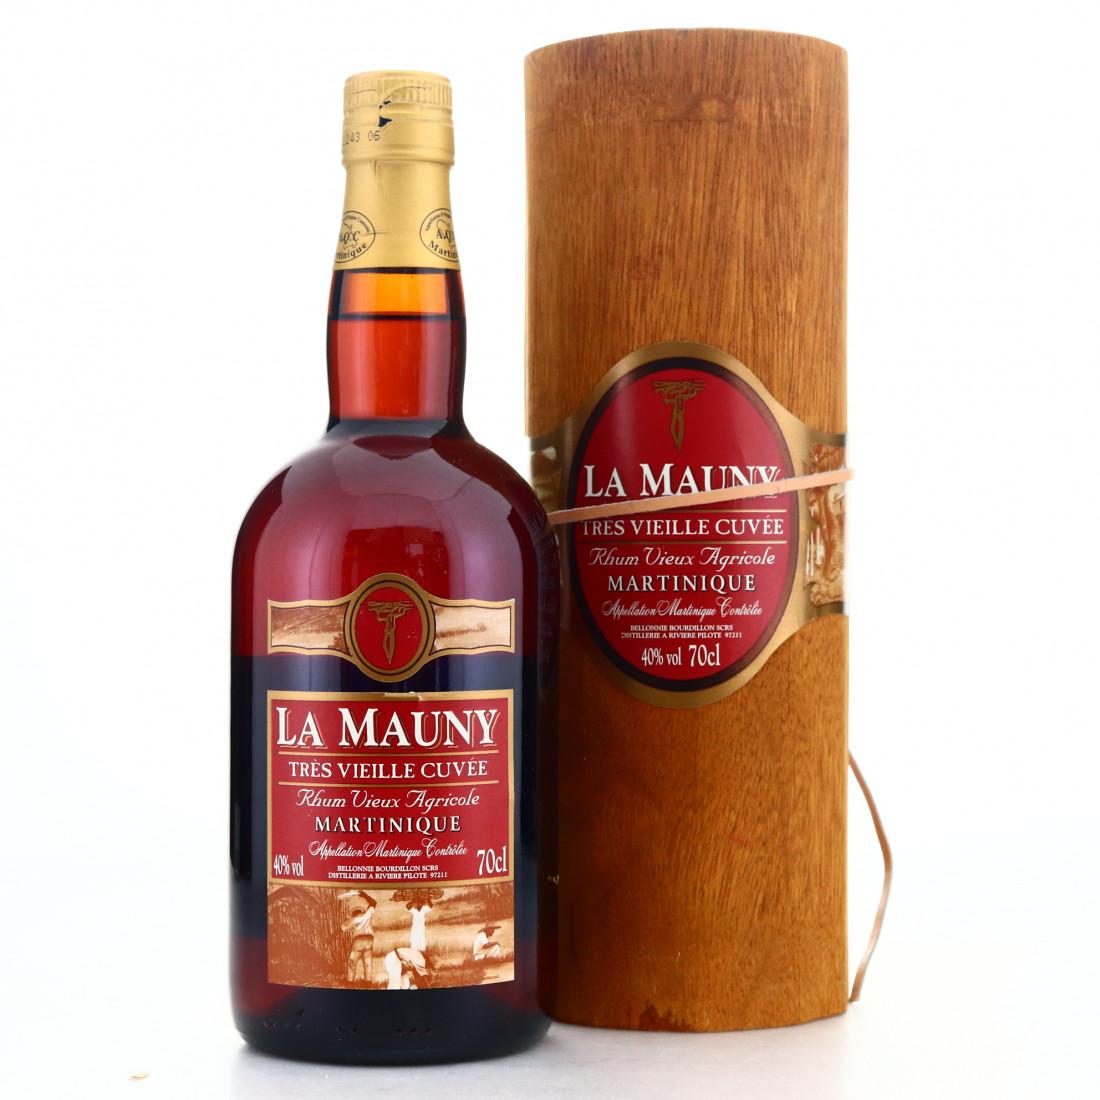 La Mauny Tres Vielle Cuvee 10 Year Old